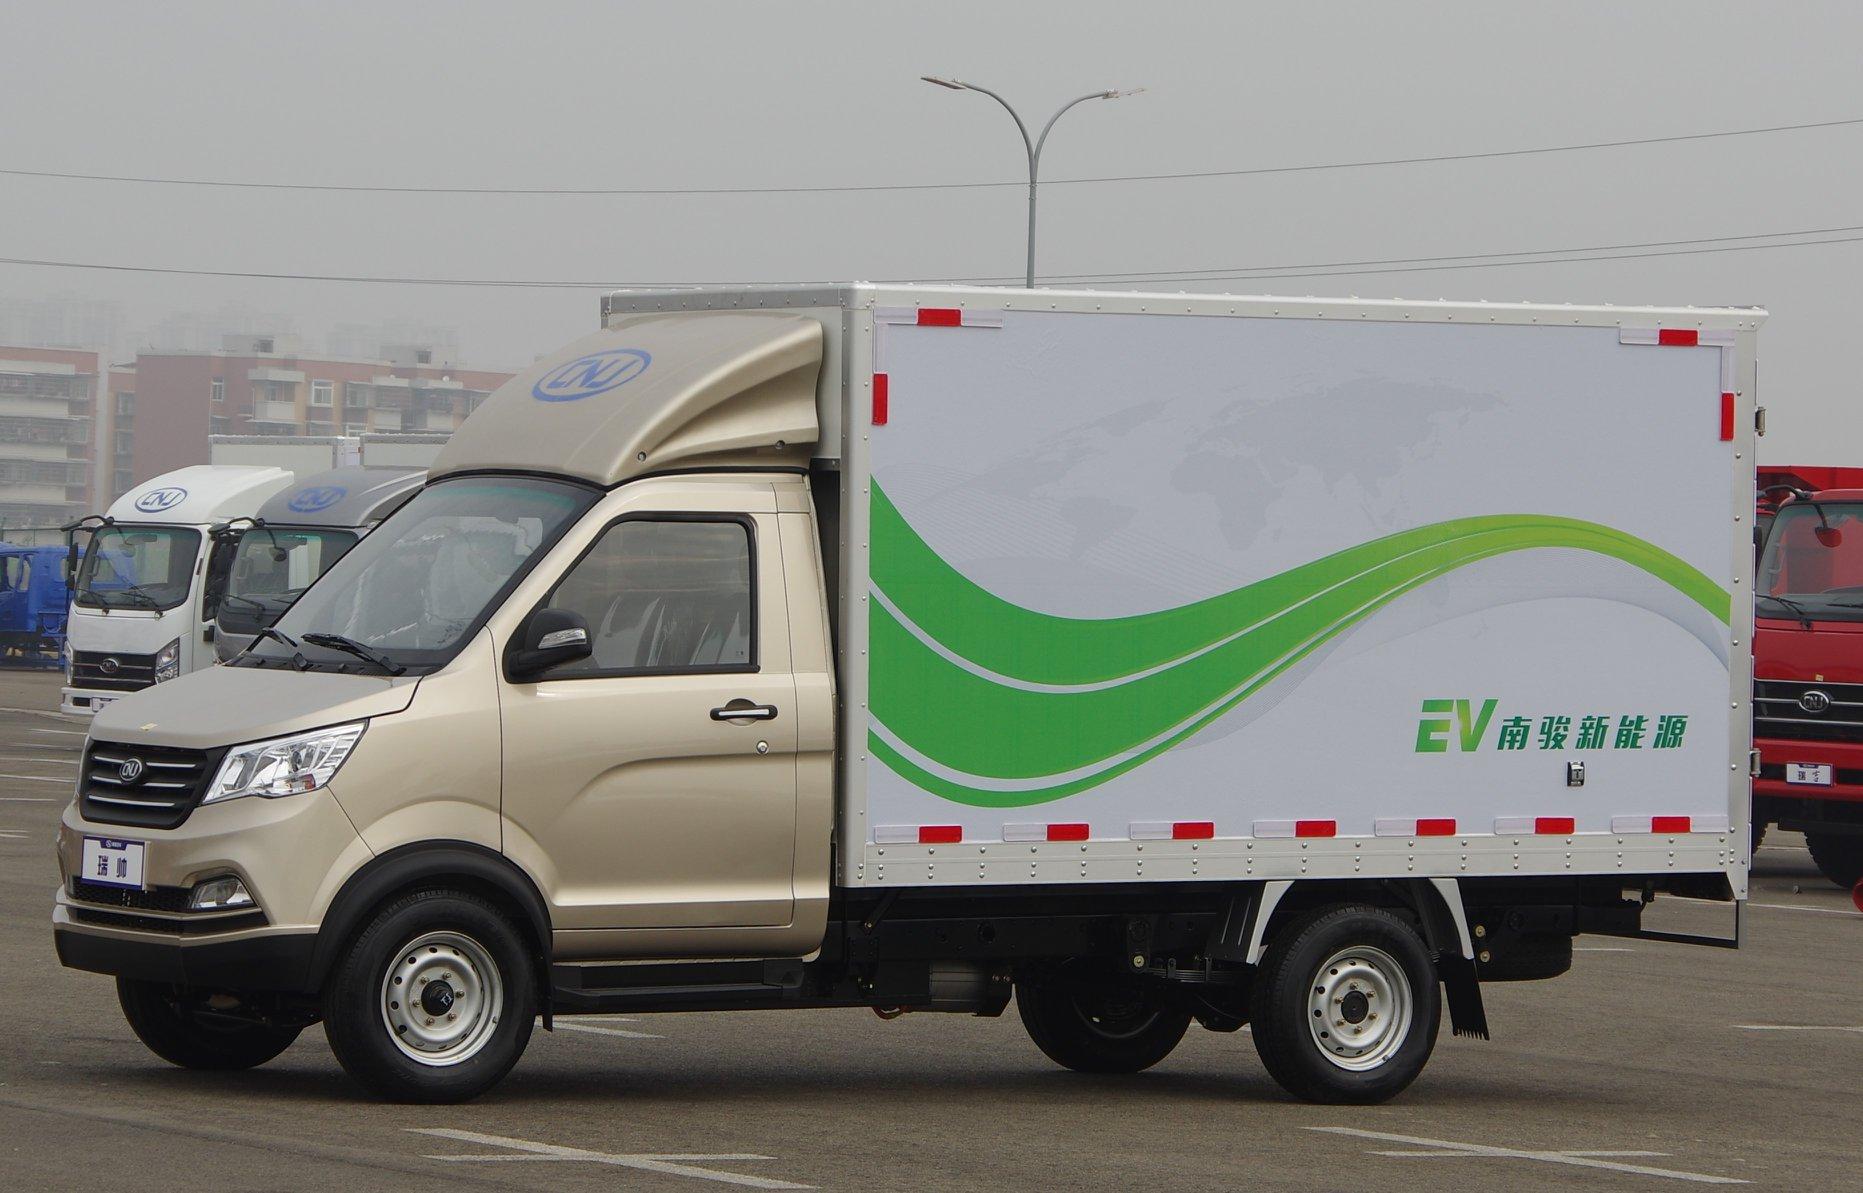 Cnj-elektrische-vrachtwagens-van-39-kwh-tot-93-kwh-met-lading-van-2-5-ton-tot-8-ton-5